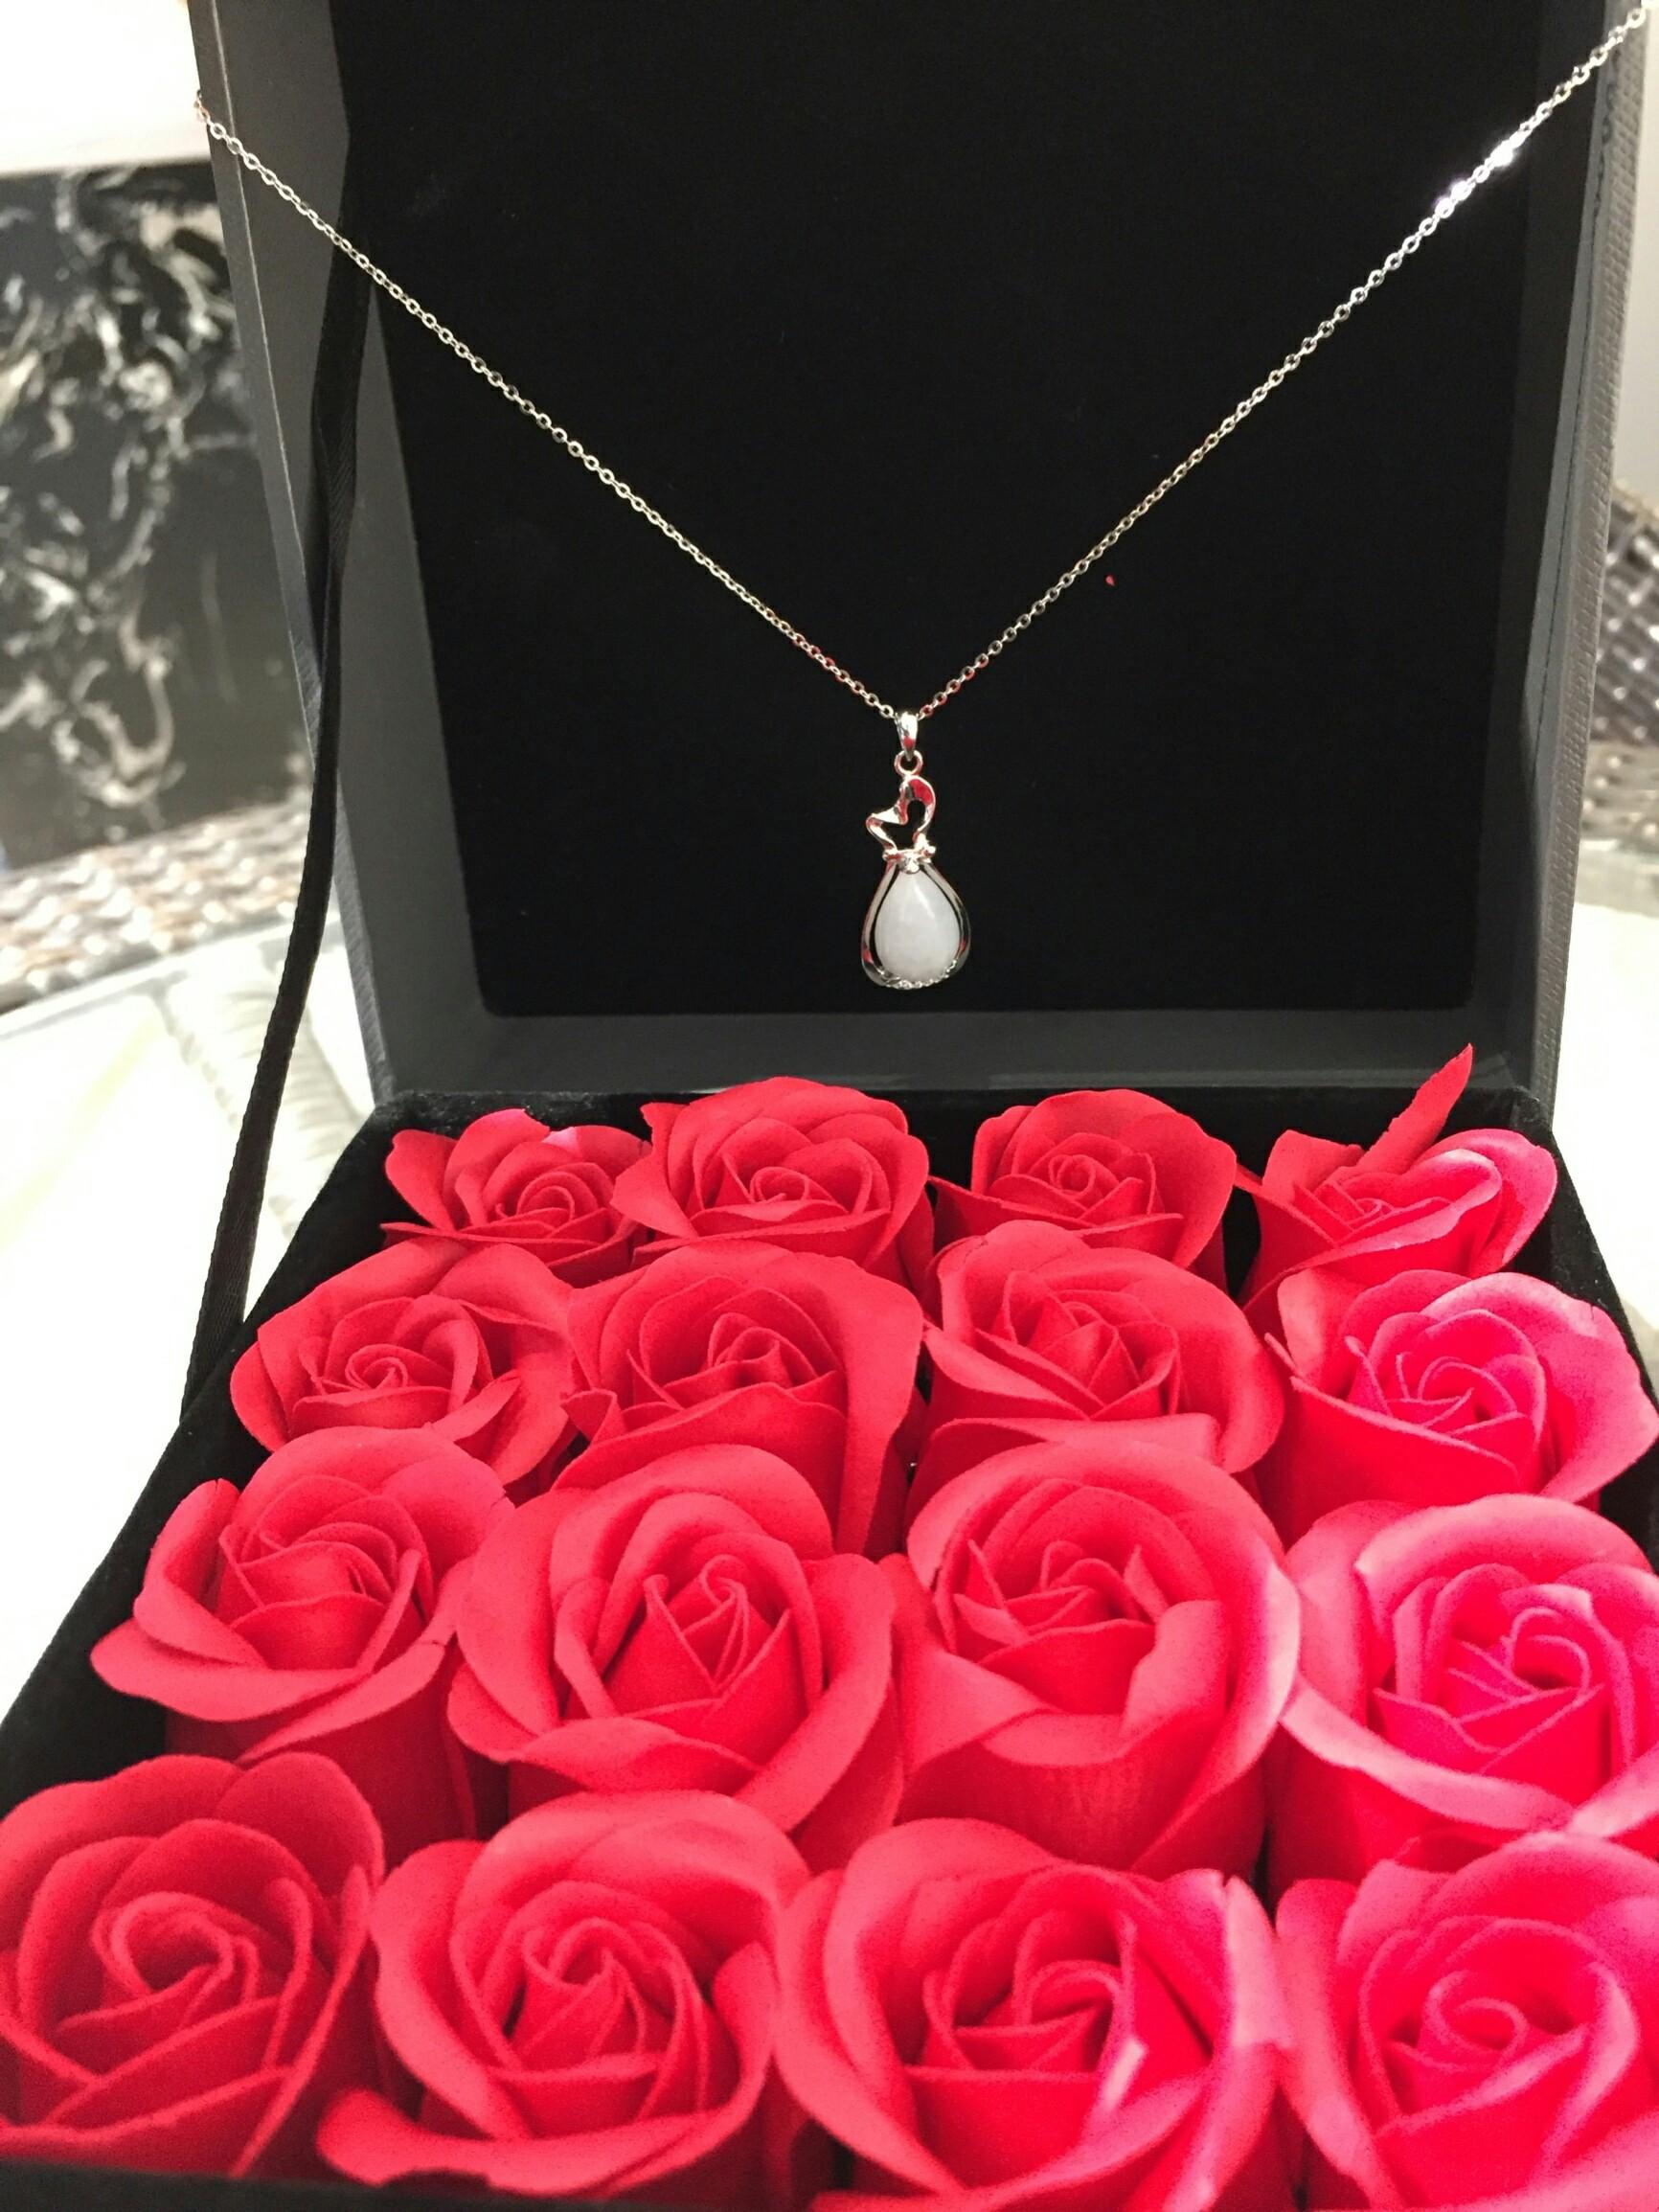 水滴福袋纯银饰吊坠,送妈妈的高颜值母亲节礼物